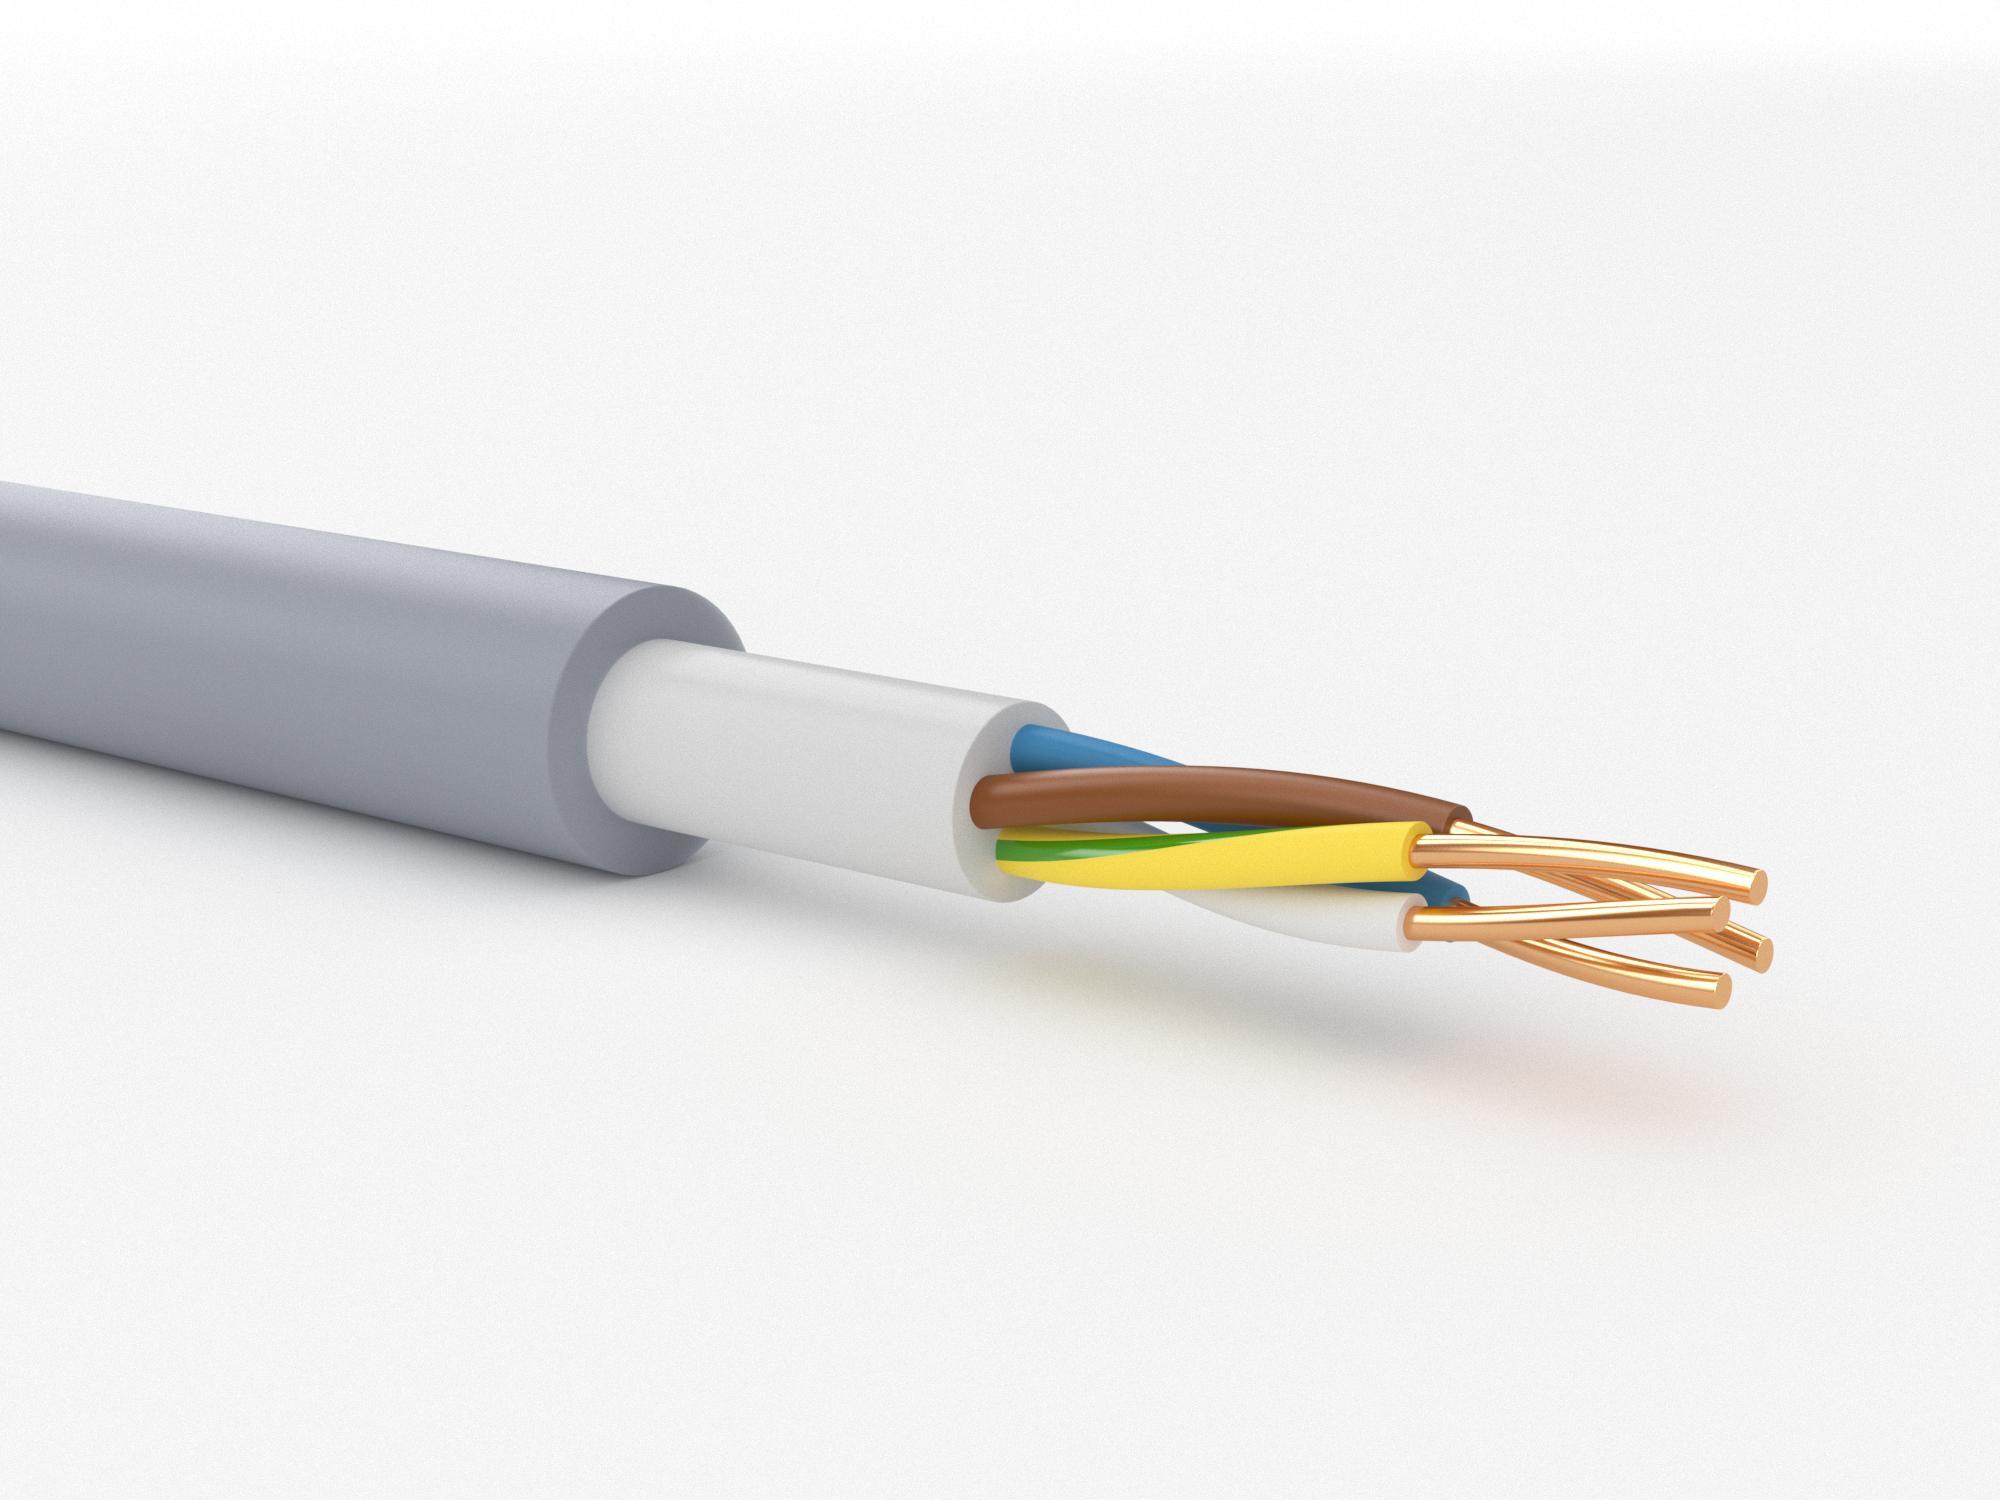 Кабель ПАРТНЕР-ЭЛЕКТРО Nym 4х1,5 ГОСТ (10м) кабель партнер электро nym 2х1 5 гост 100м